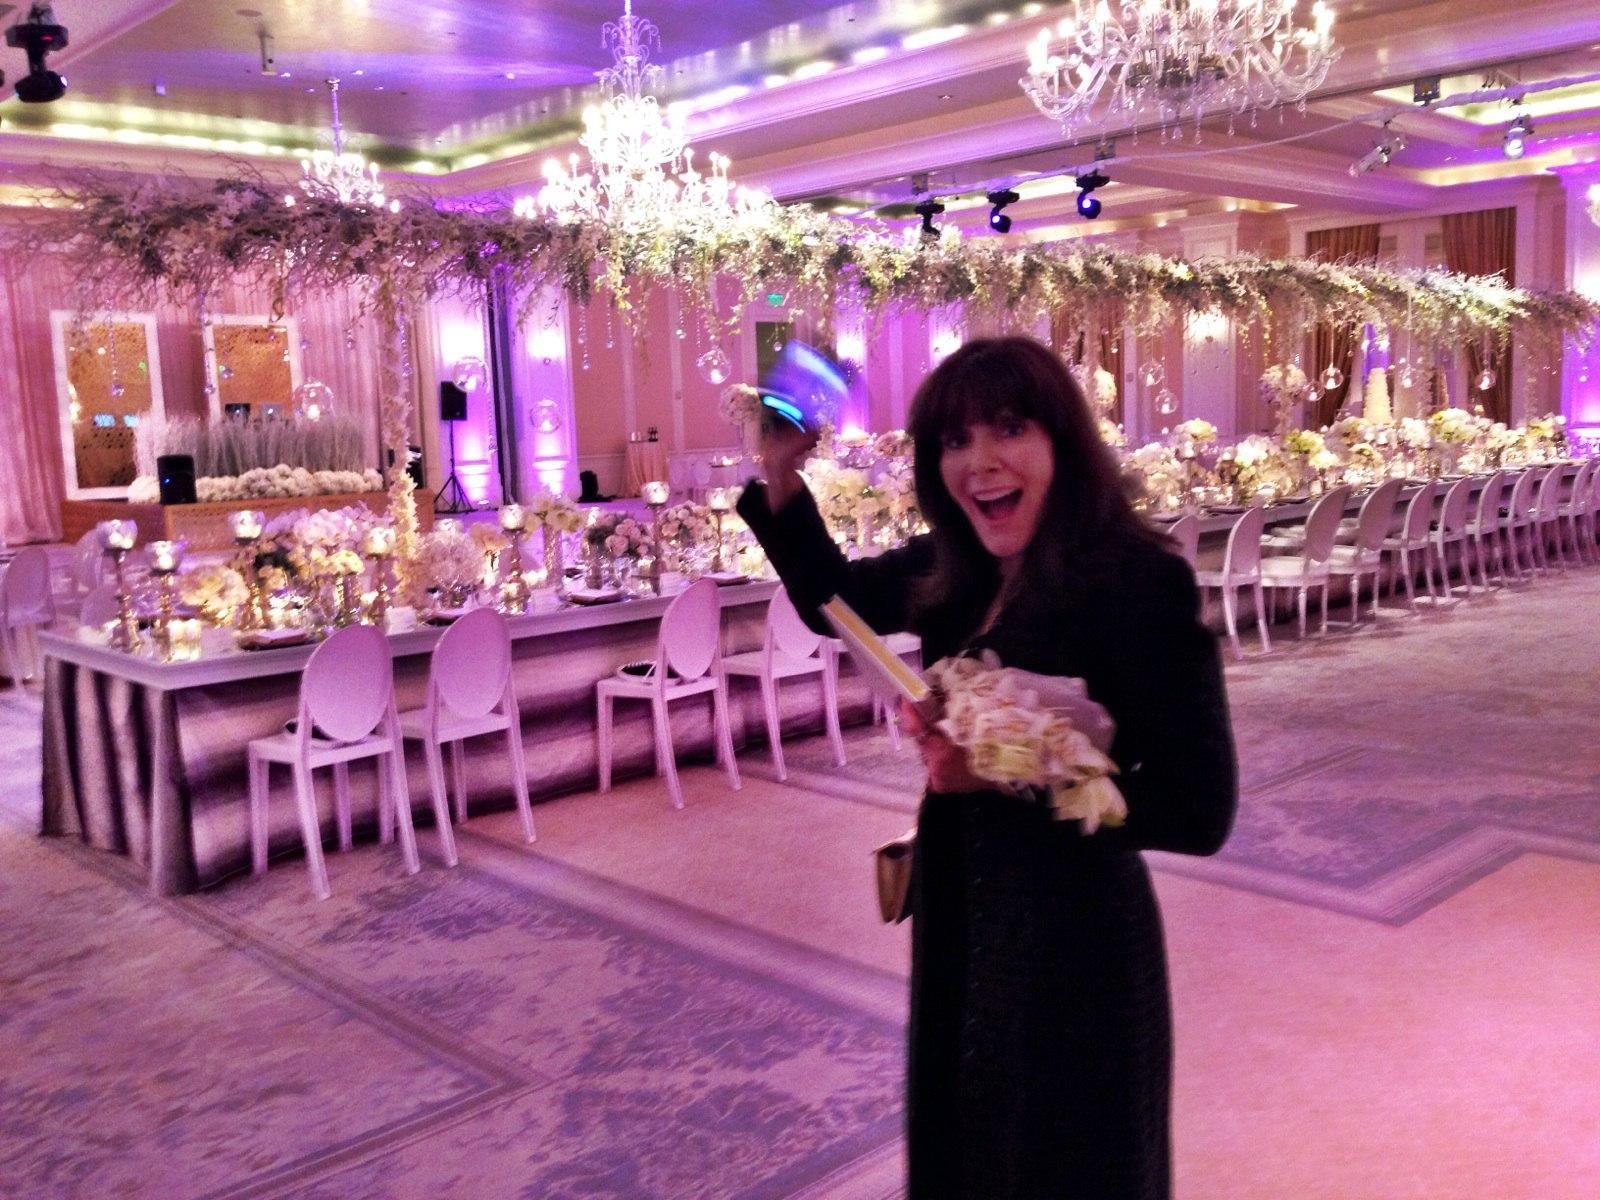 St. Regis Wedding with Mindy Weiss - Lethal Rhythms Atlanta Wedding DJs